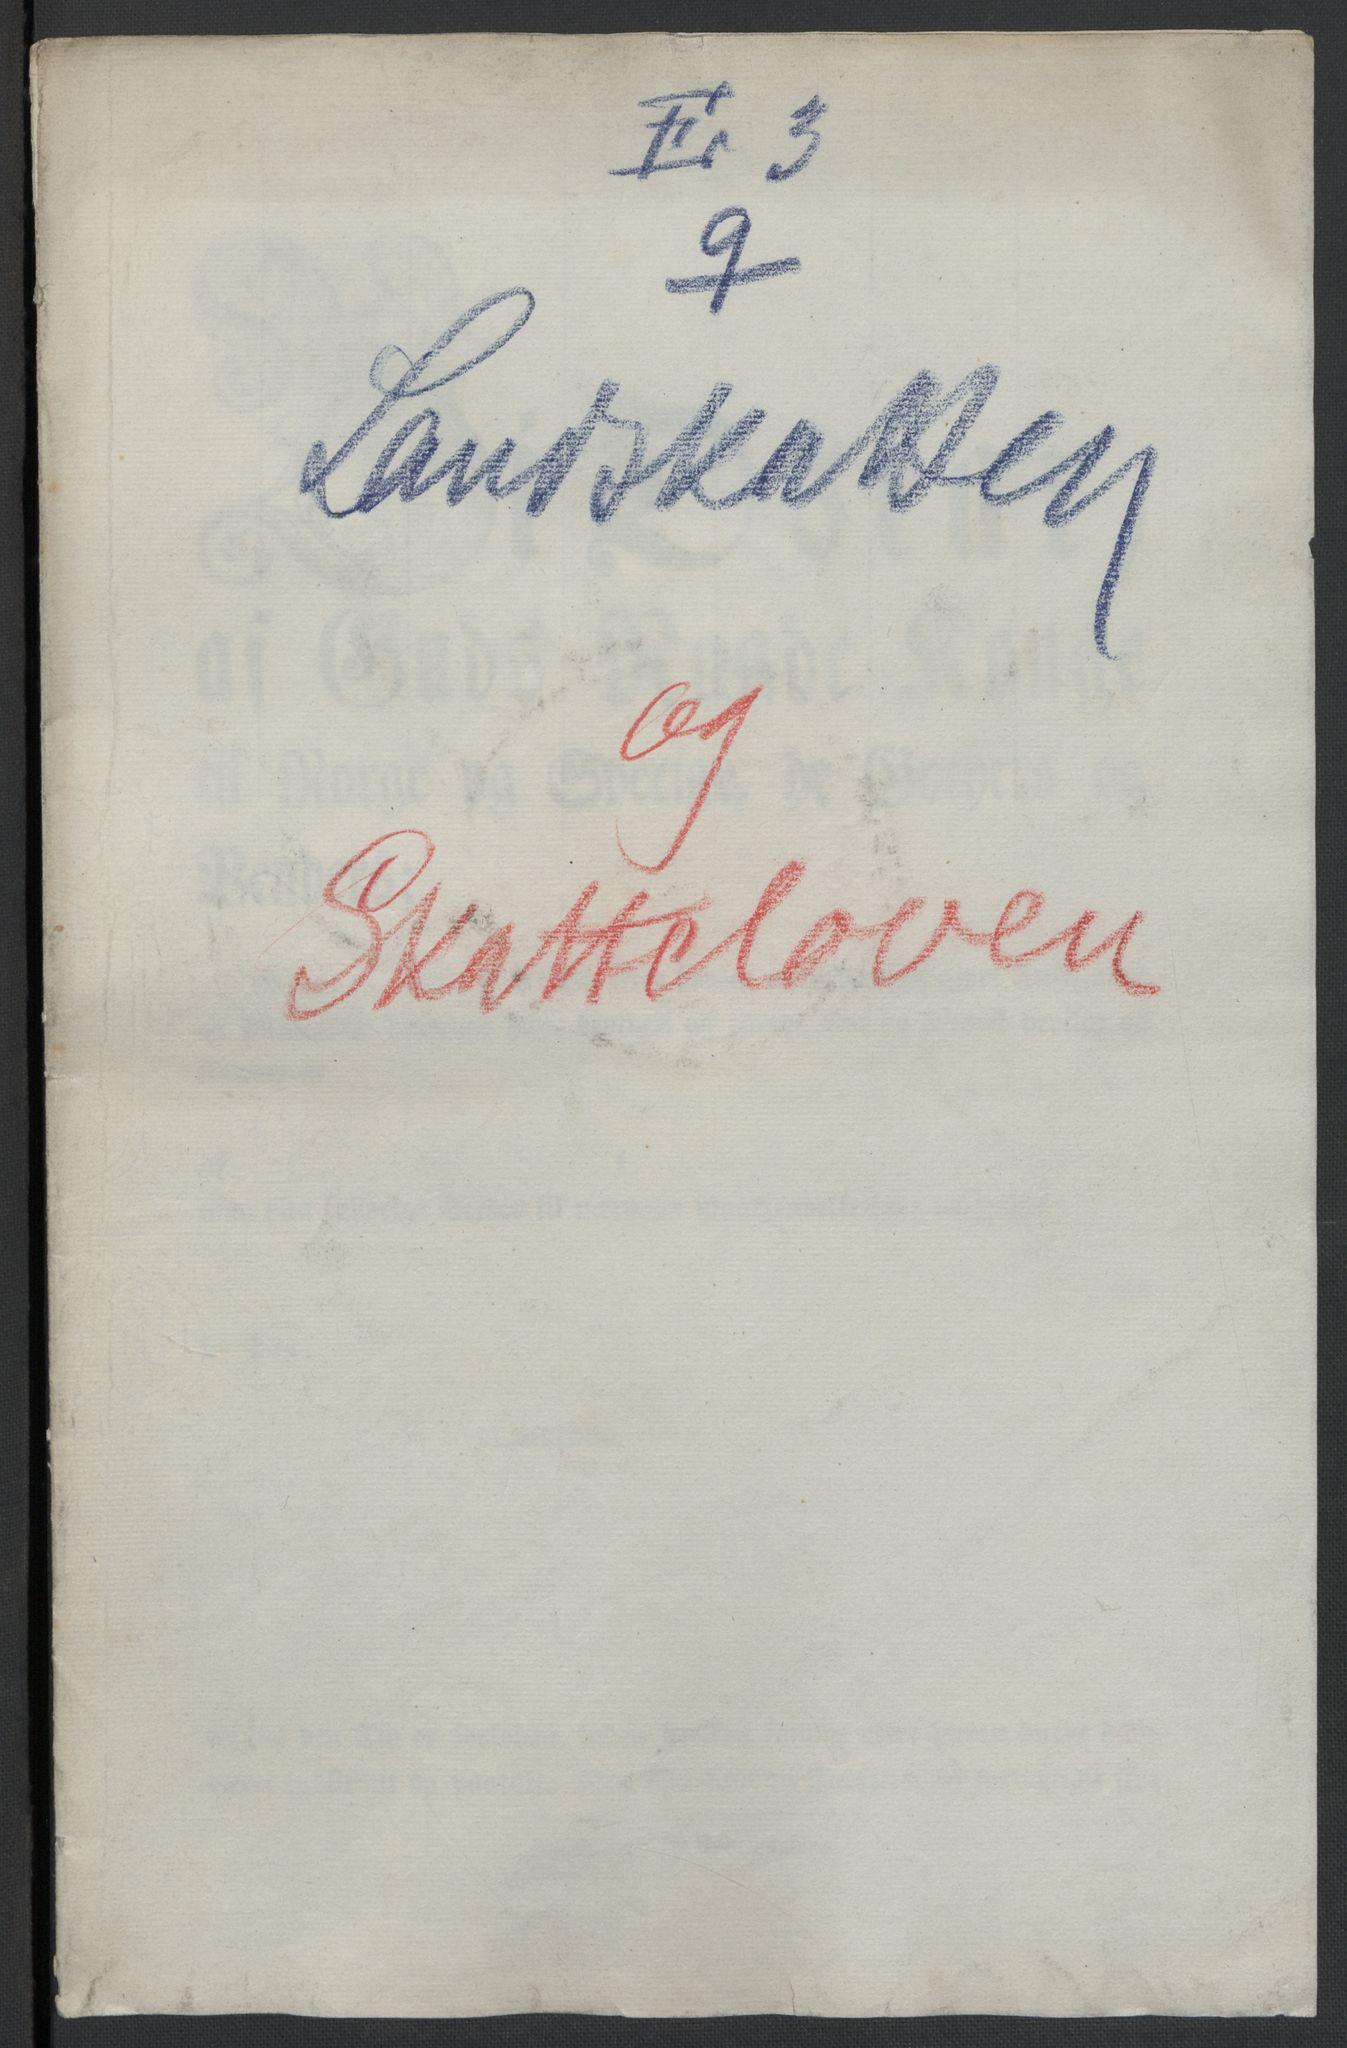 RA, Christie, Wilhelm Frimann Koren, F/L0005, 1815-1816, s. 539